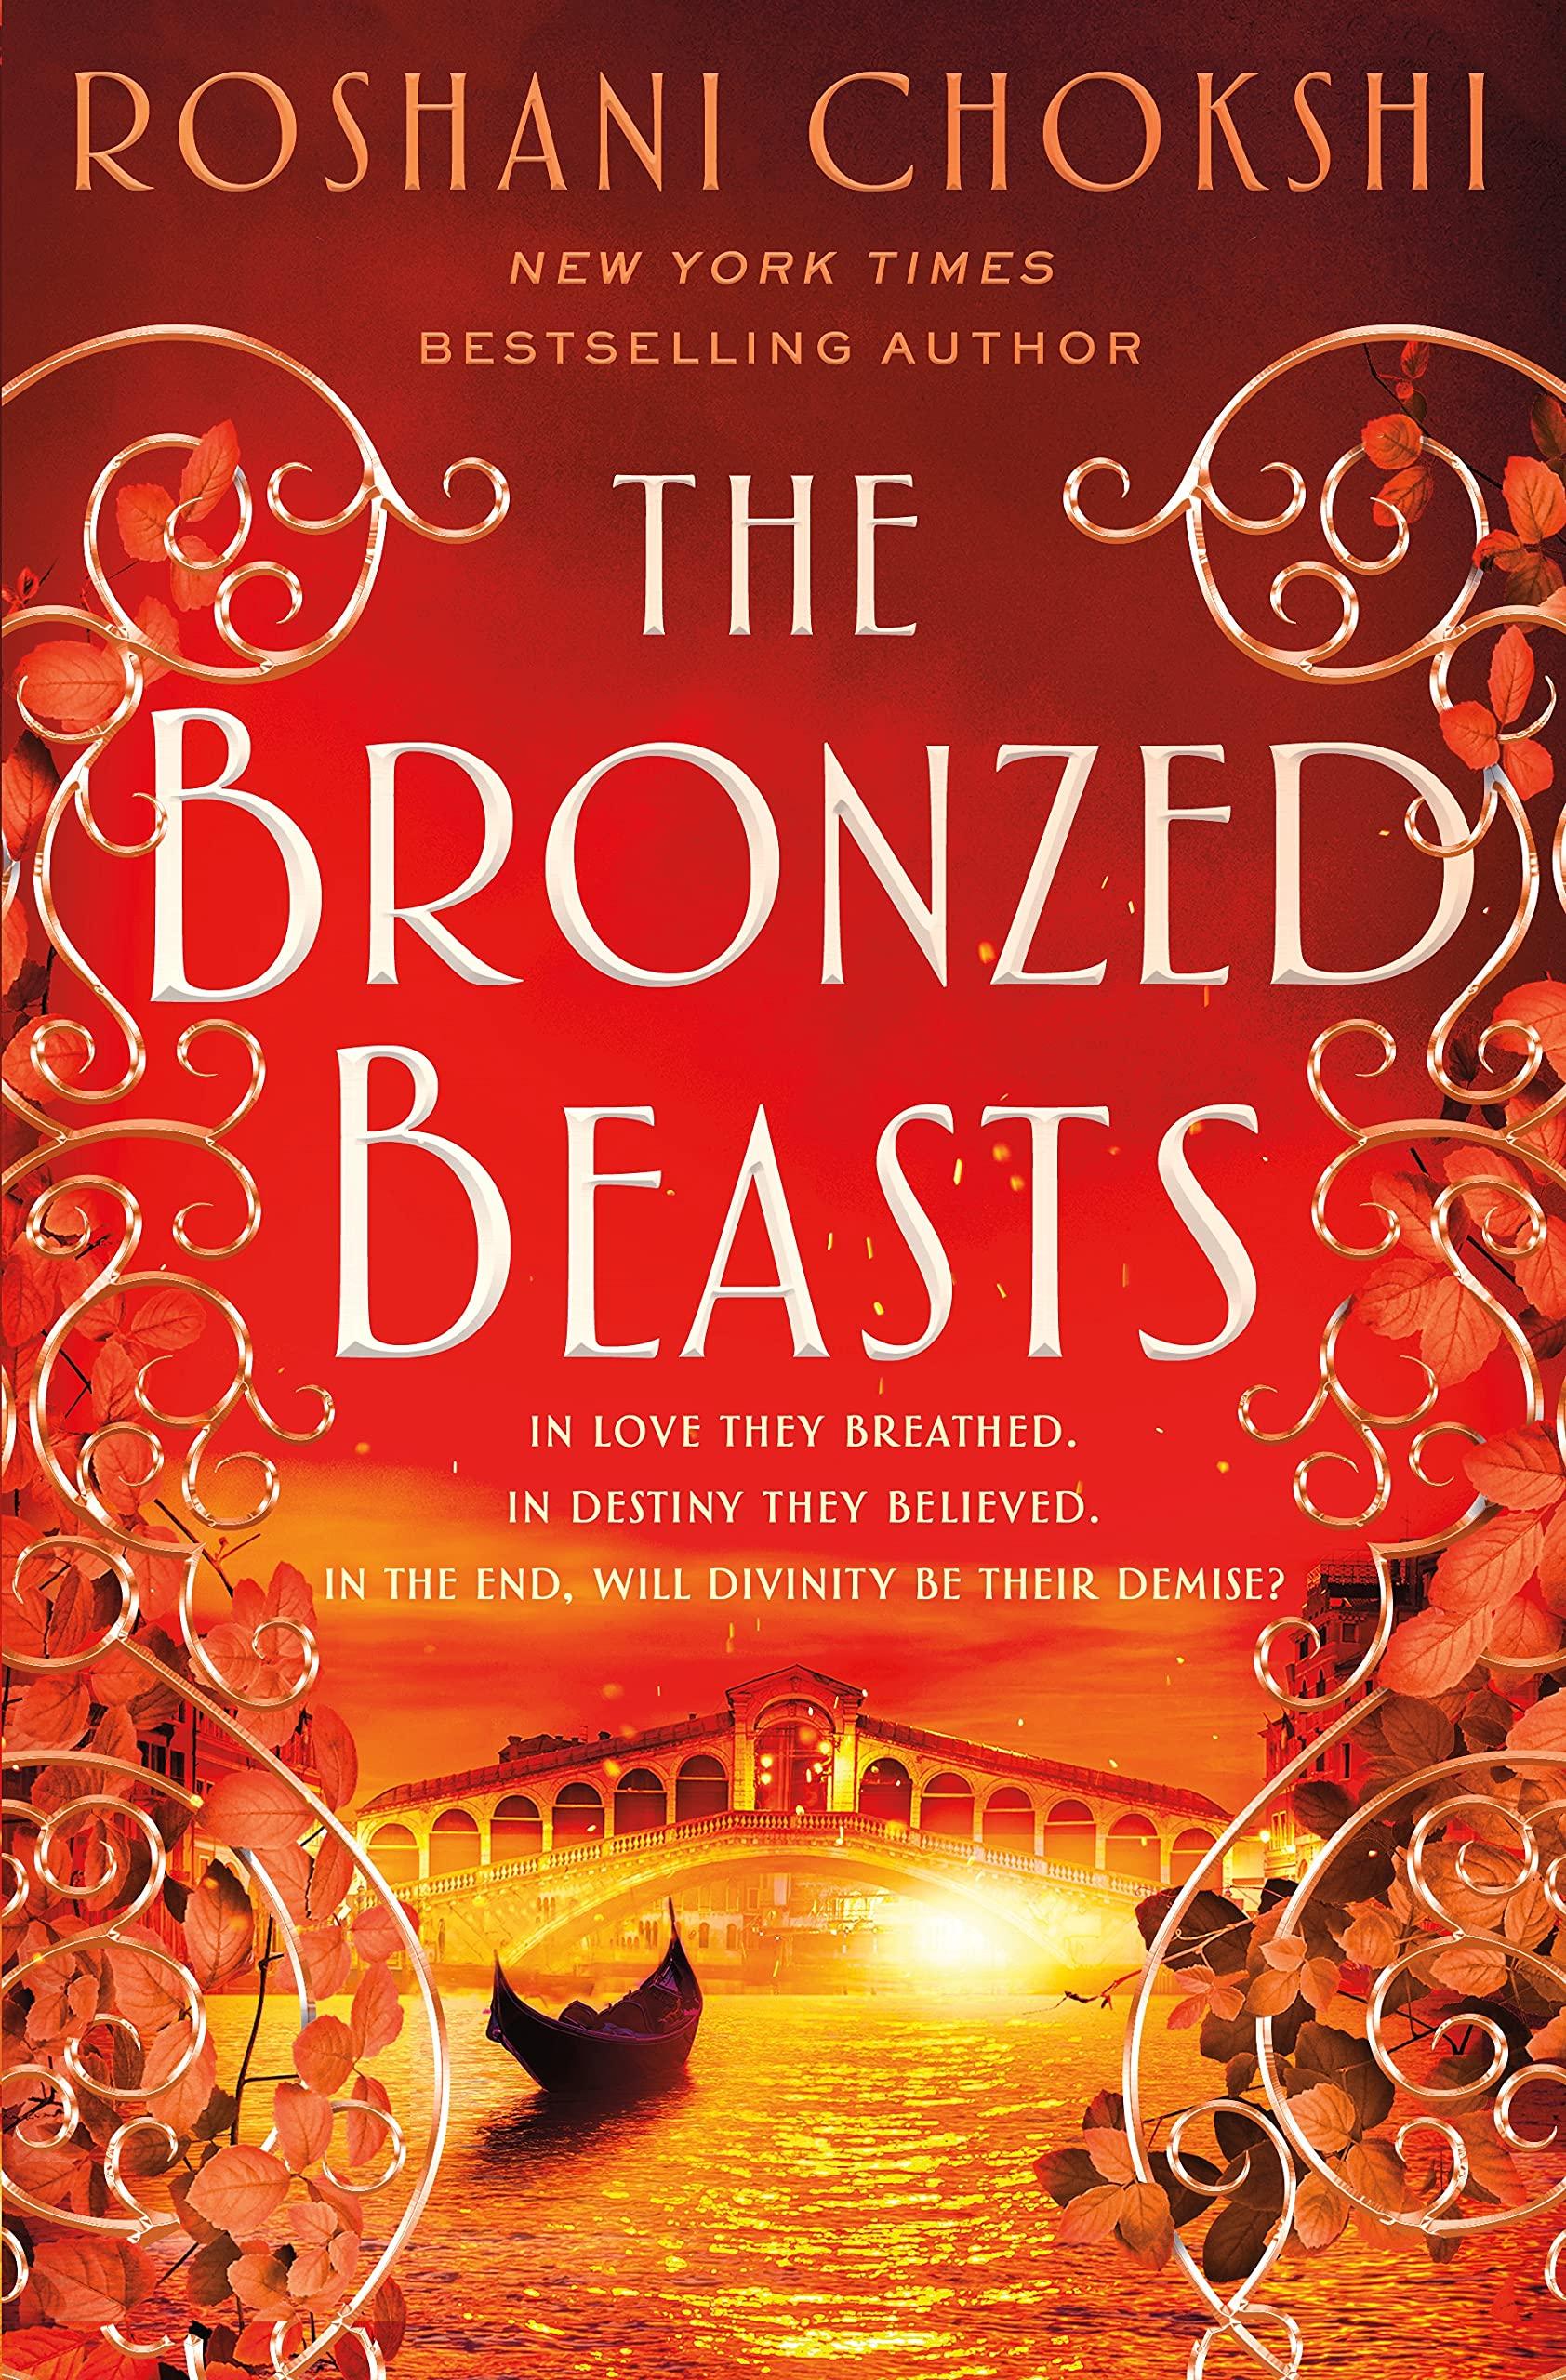 Amazon.com: The Bronzed Beasts (The Gilded Wolves, 3): 9781250144607:  Chokshi, Roshani: Books